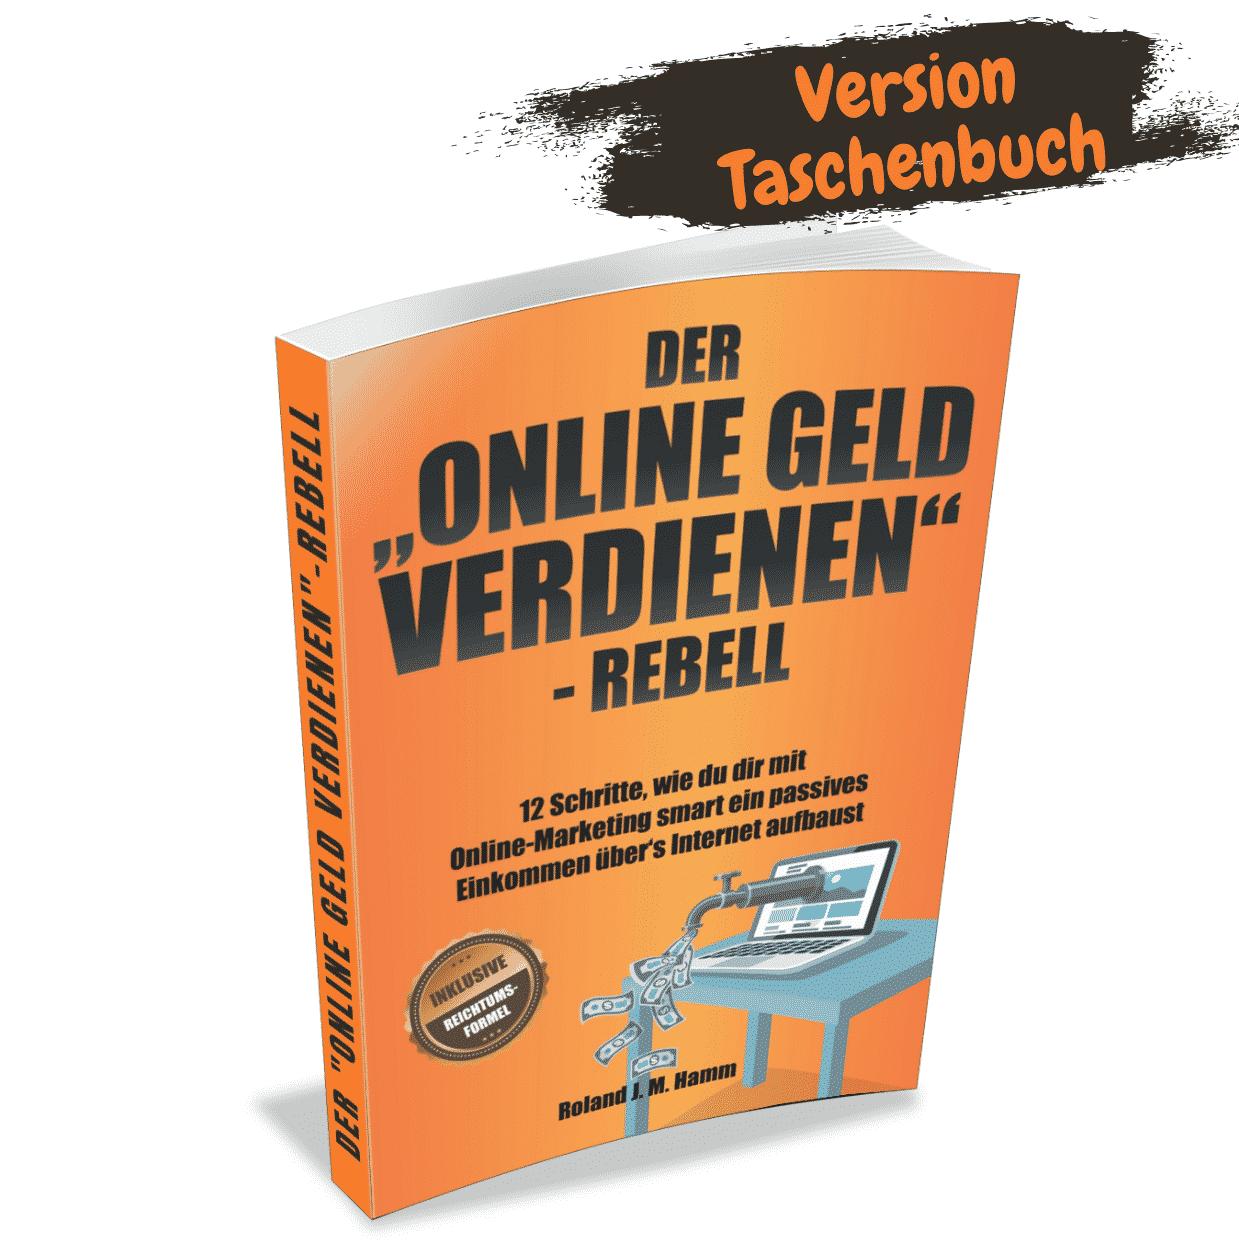 Der online Geld verdienen Rebell als Taschenbuch bestellen